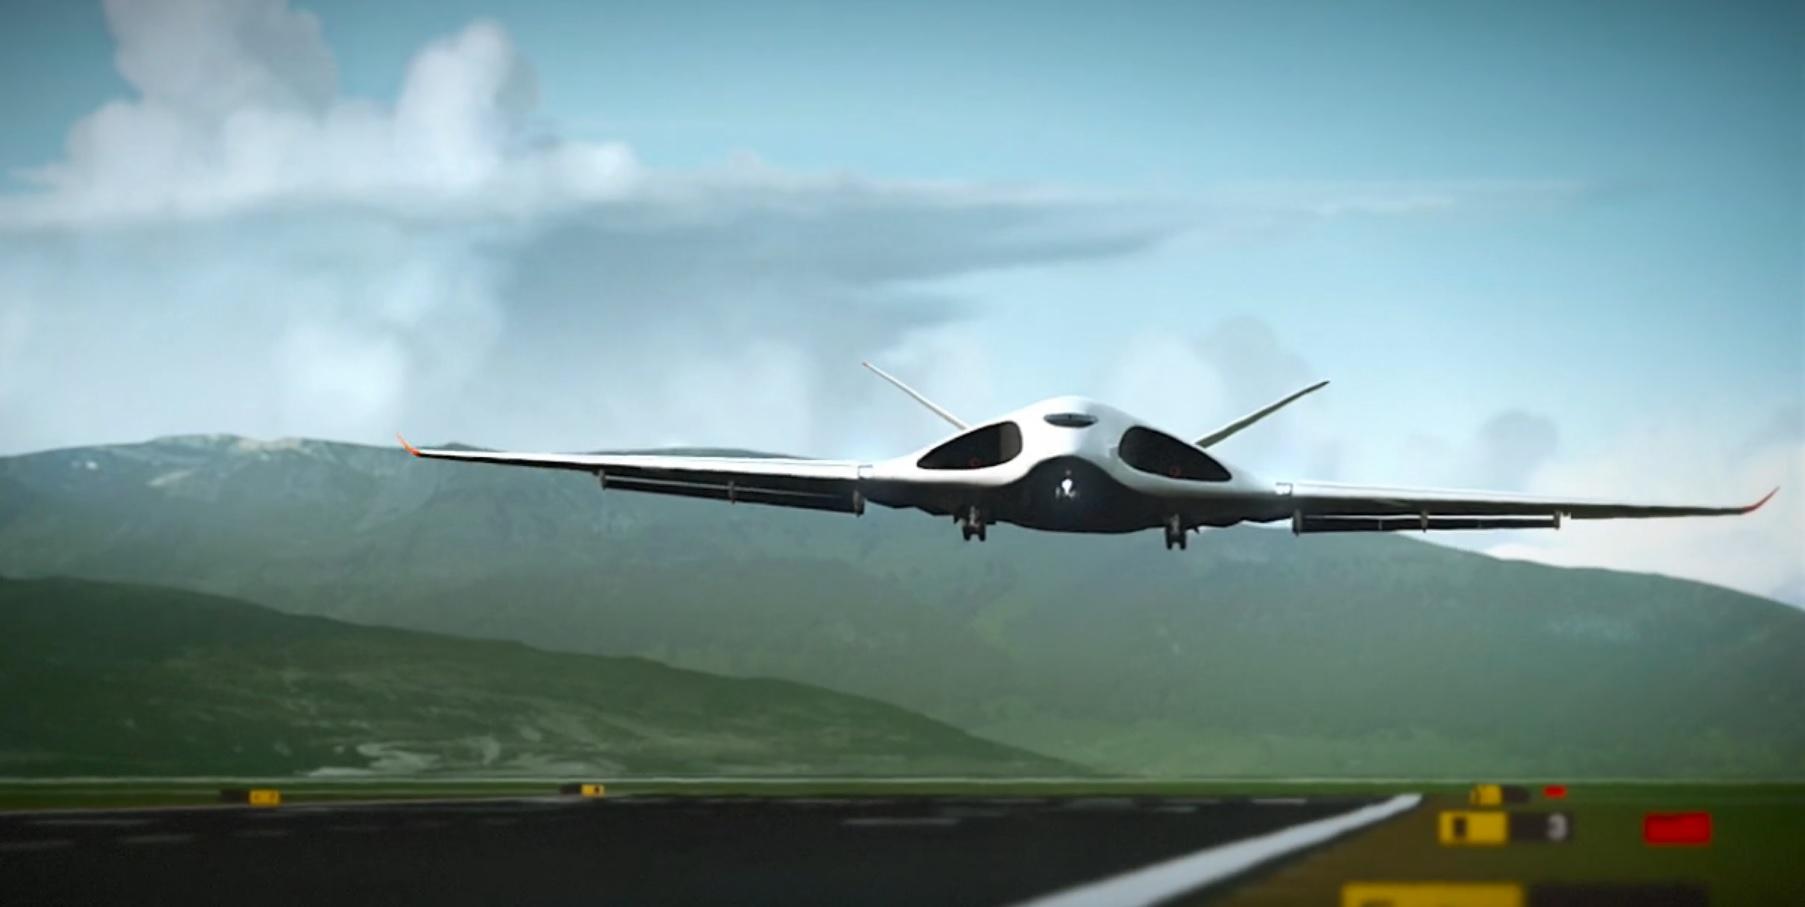 Wizualizacja lotu samolotu przyszłości